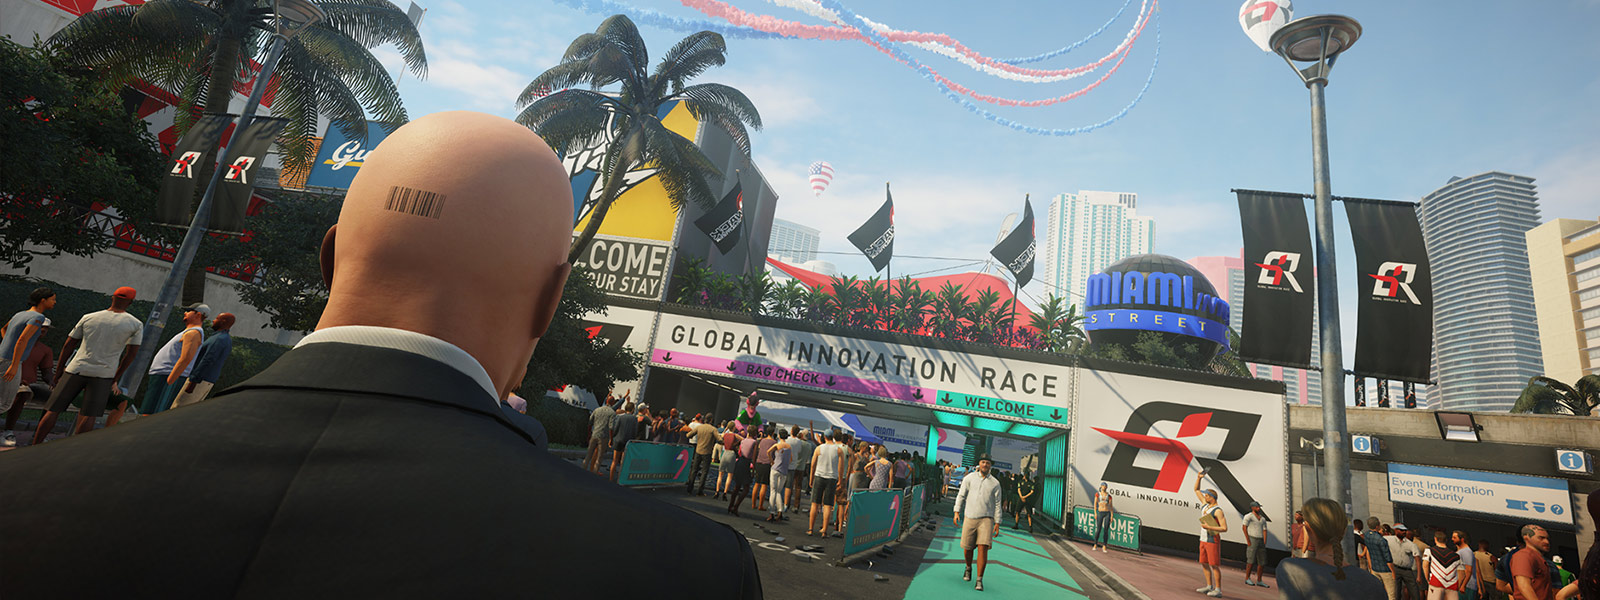 Πίσω όψη του Πράκτορα Νο 47 που στέκεται σε περιοχή γεμάτη κόσμο στην είσοδο αγώνα ταχύτητας στο Μαϊάμι